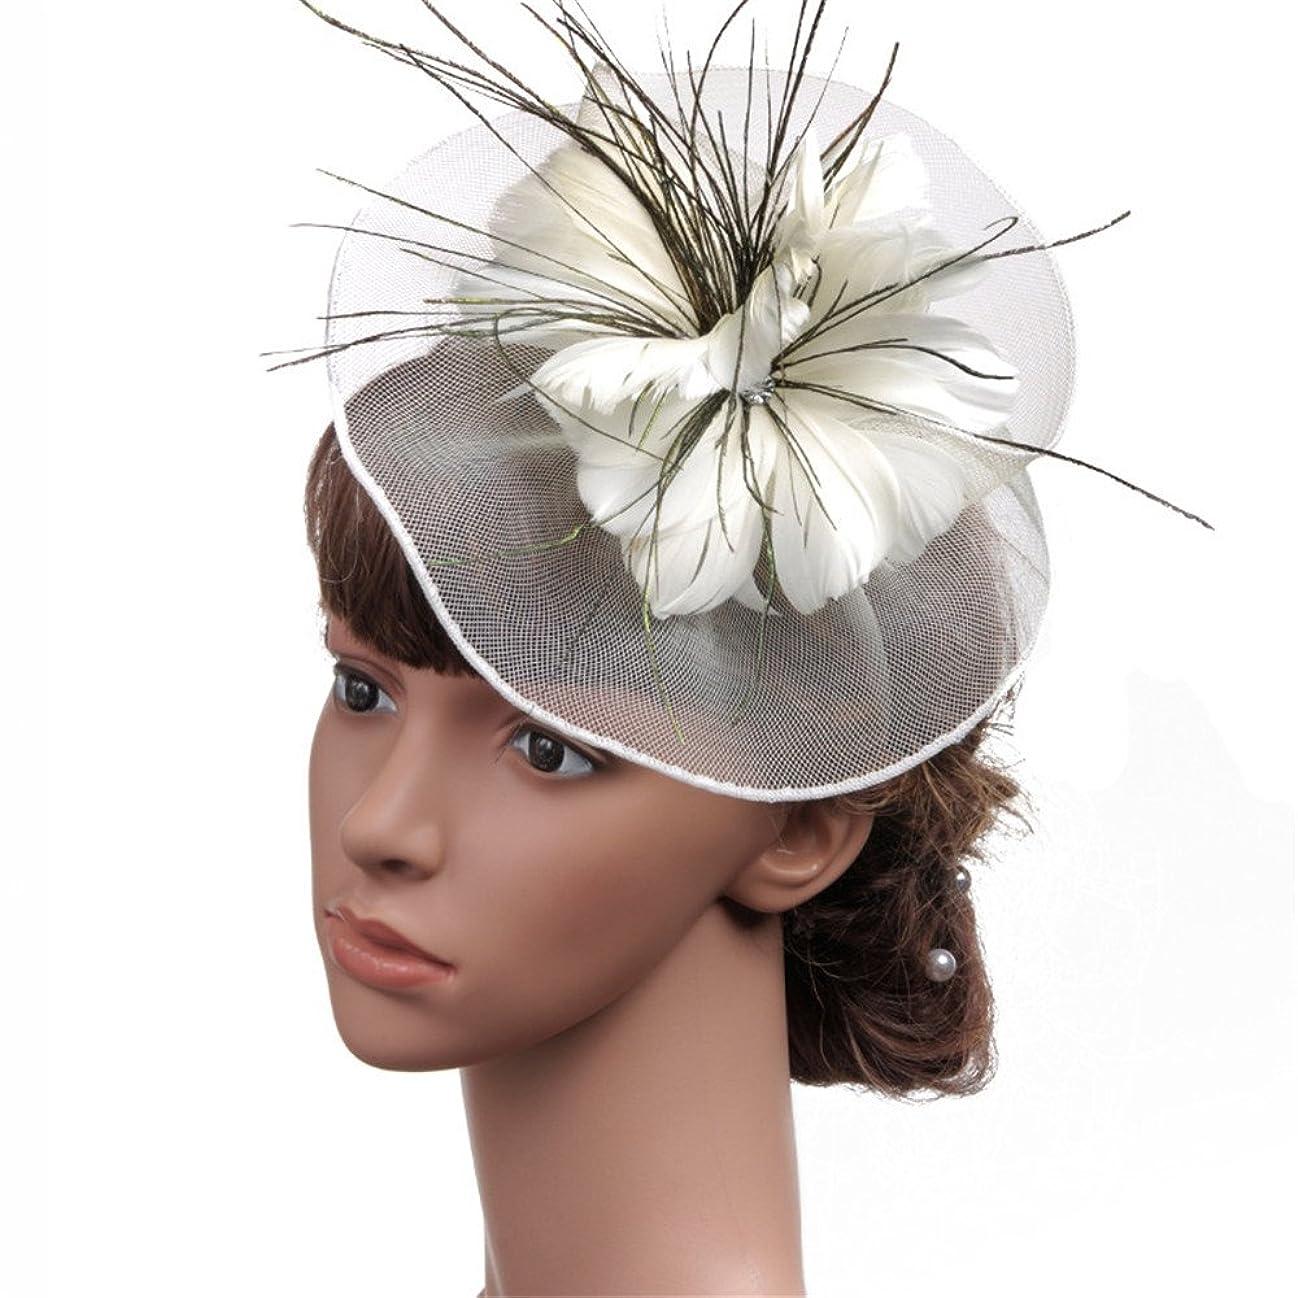 バイアス暴動器用女性の魅力的な帽子 女性のヴィンテージ魅惑的なカクテルティーパーティー帽子羽花ヘアピンヘッドドレス花花嫁パーティーウェディング (色 : 緑)